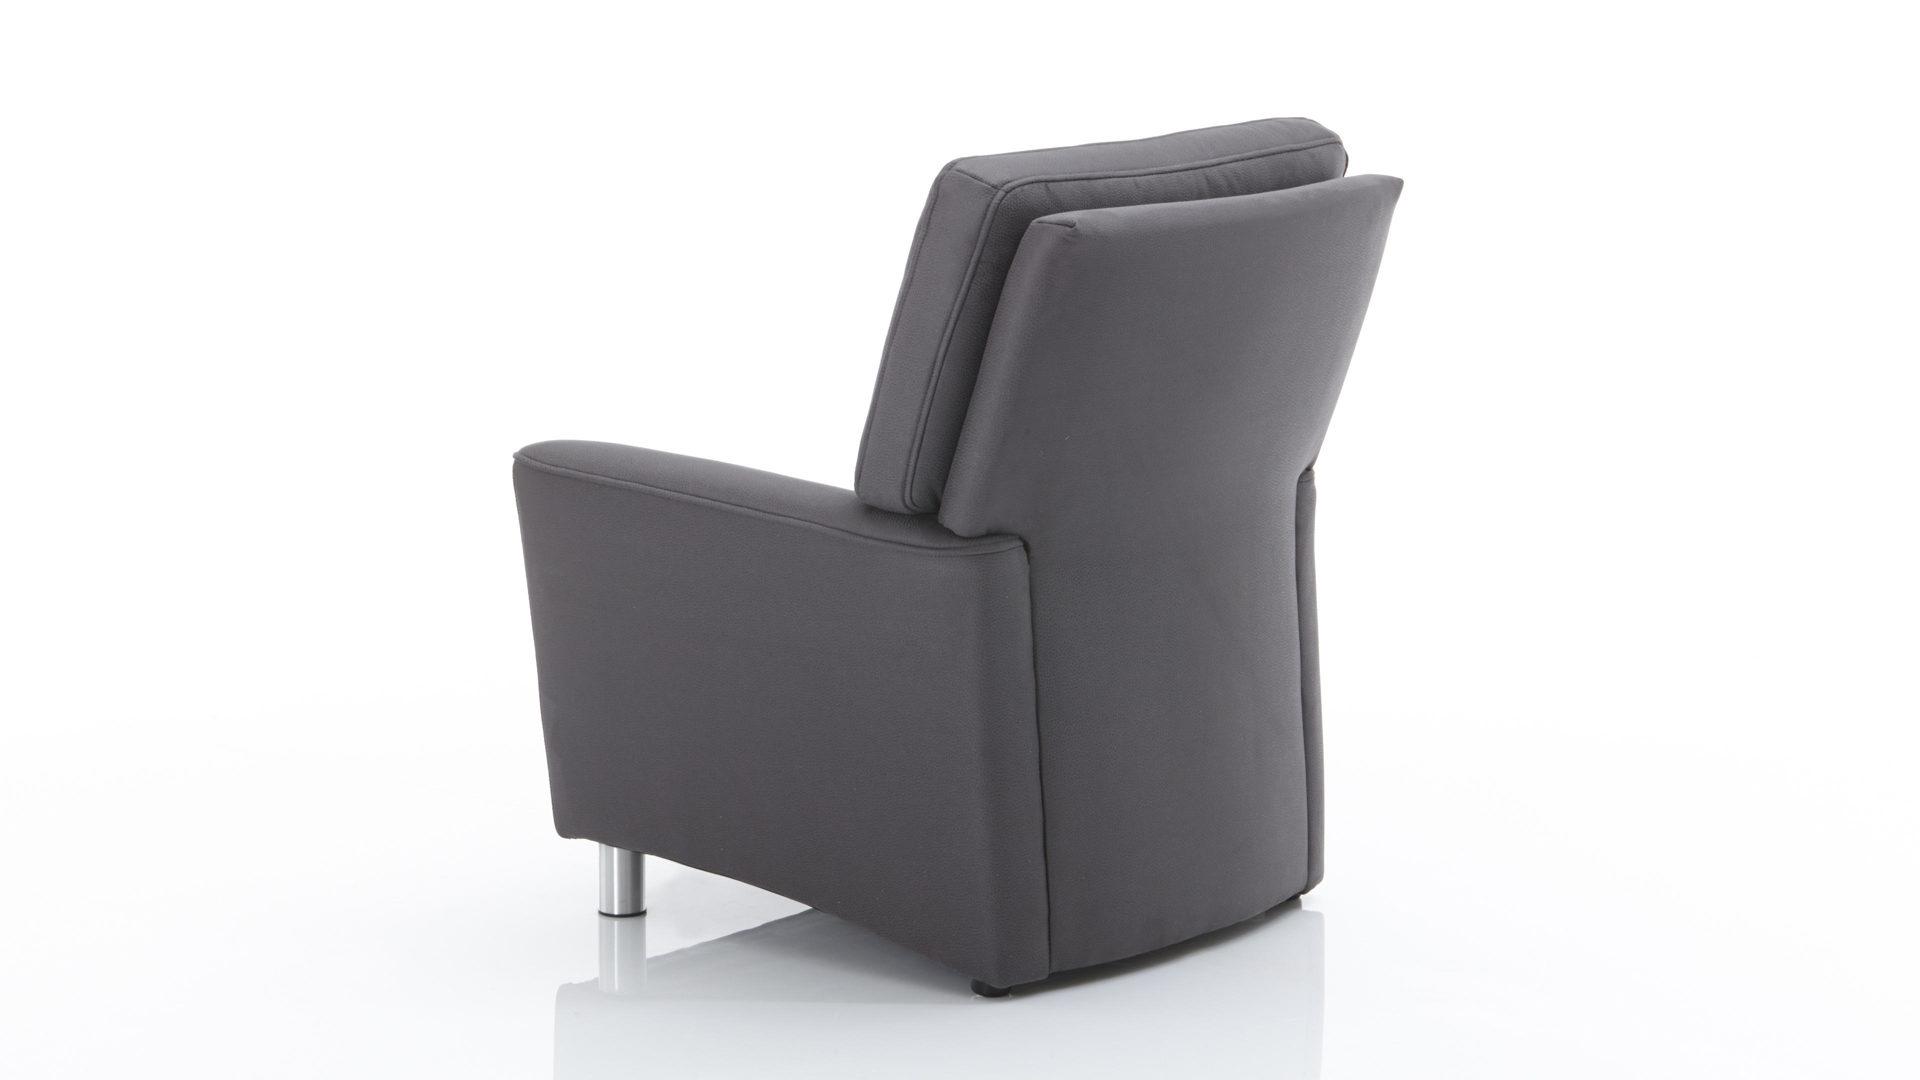 Möbel Bernskötter Mülheim | Räume | Wohnzimmer | Sessel + Hocker ...